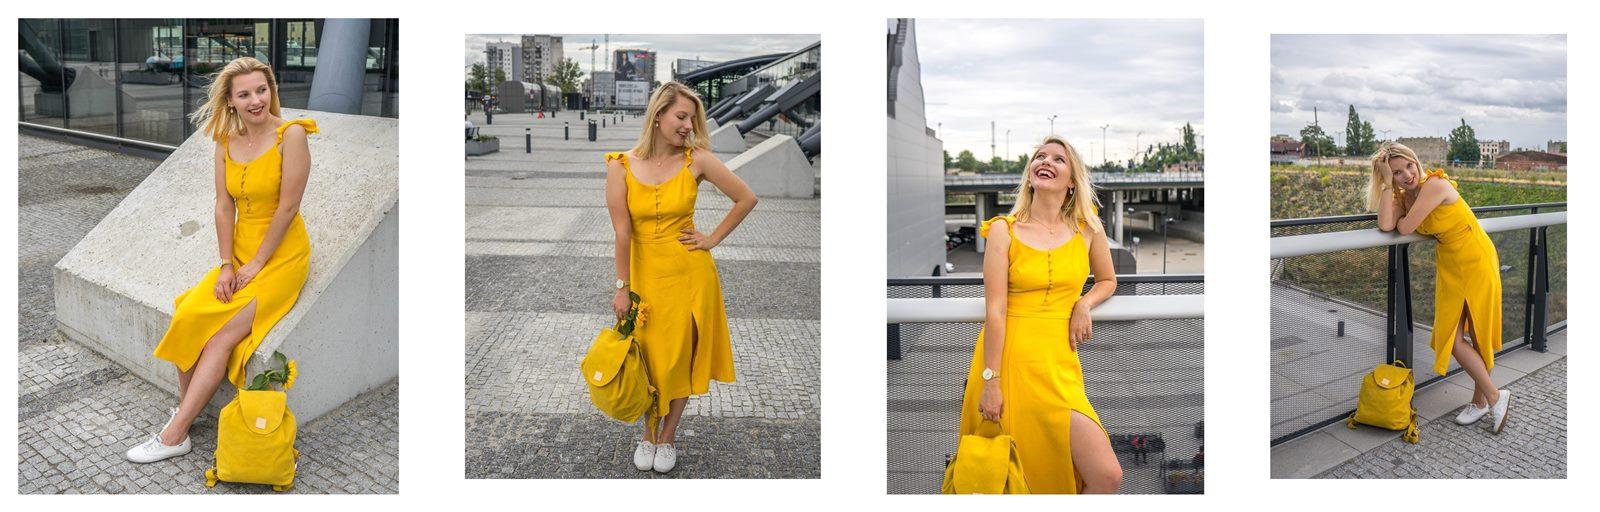 1 zamszowe plecaki moodbags jaki plecak kupić skórzane plecaki polskie marki blogerka modowa łódź styl blogerek stylizacje plecak na wiosne lato jesien zimę pomysł na prezent pod choinke dla zony mamy